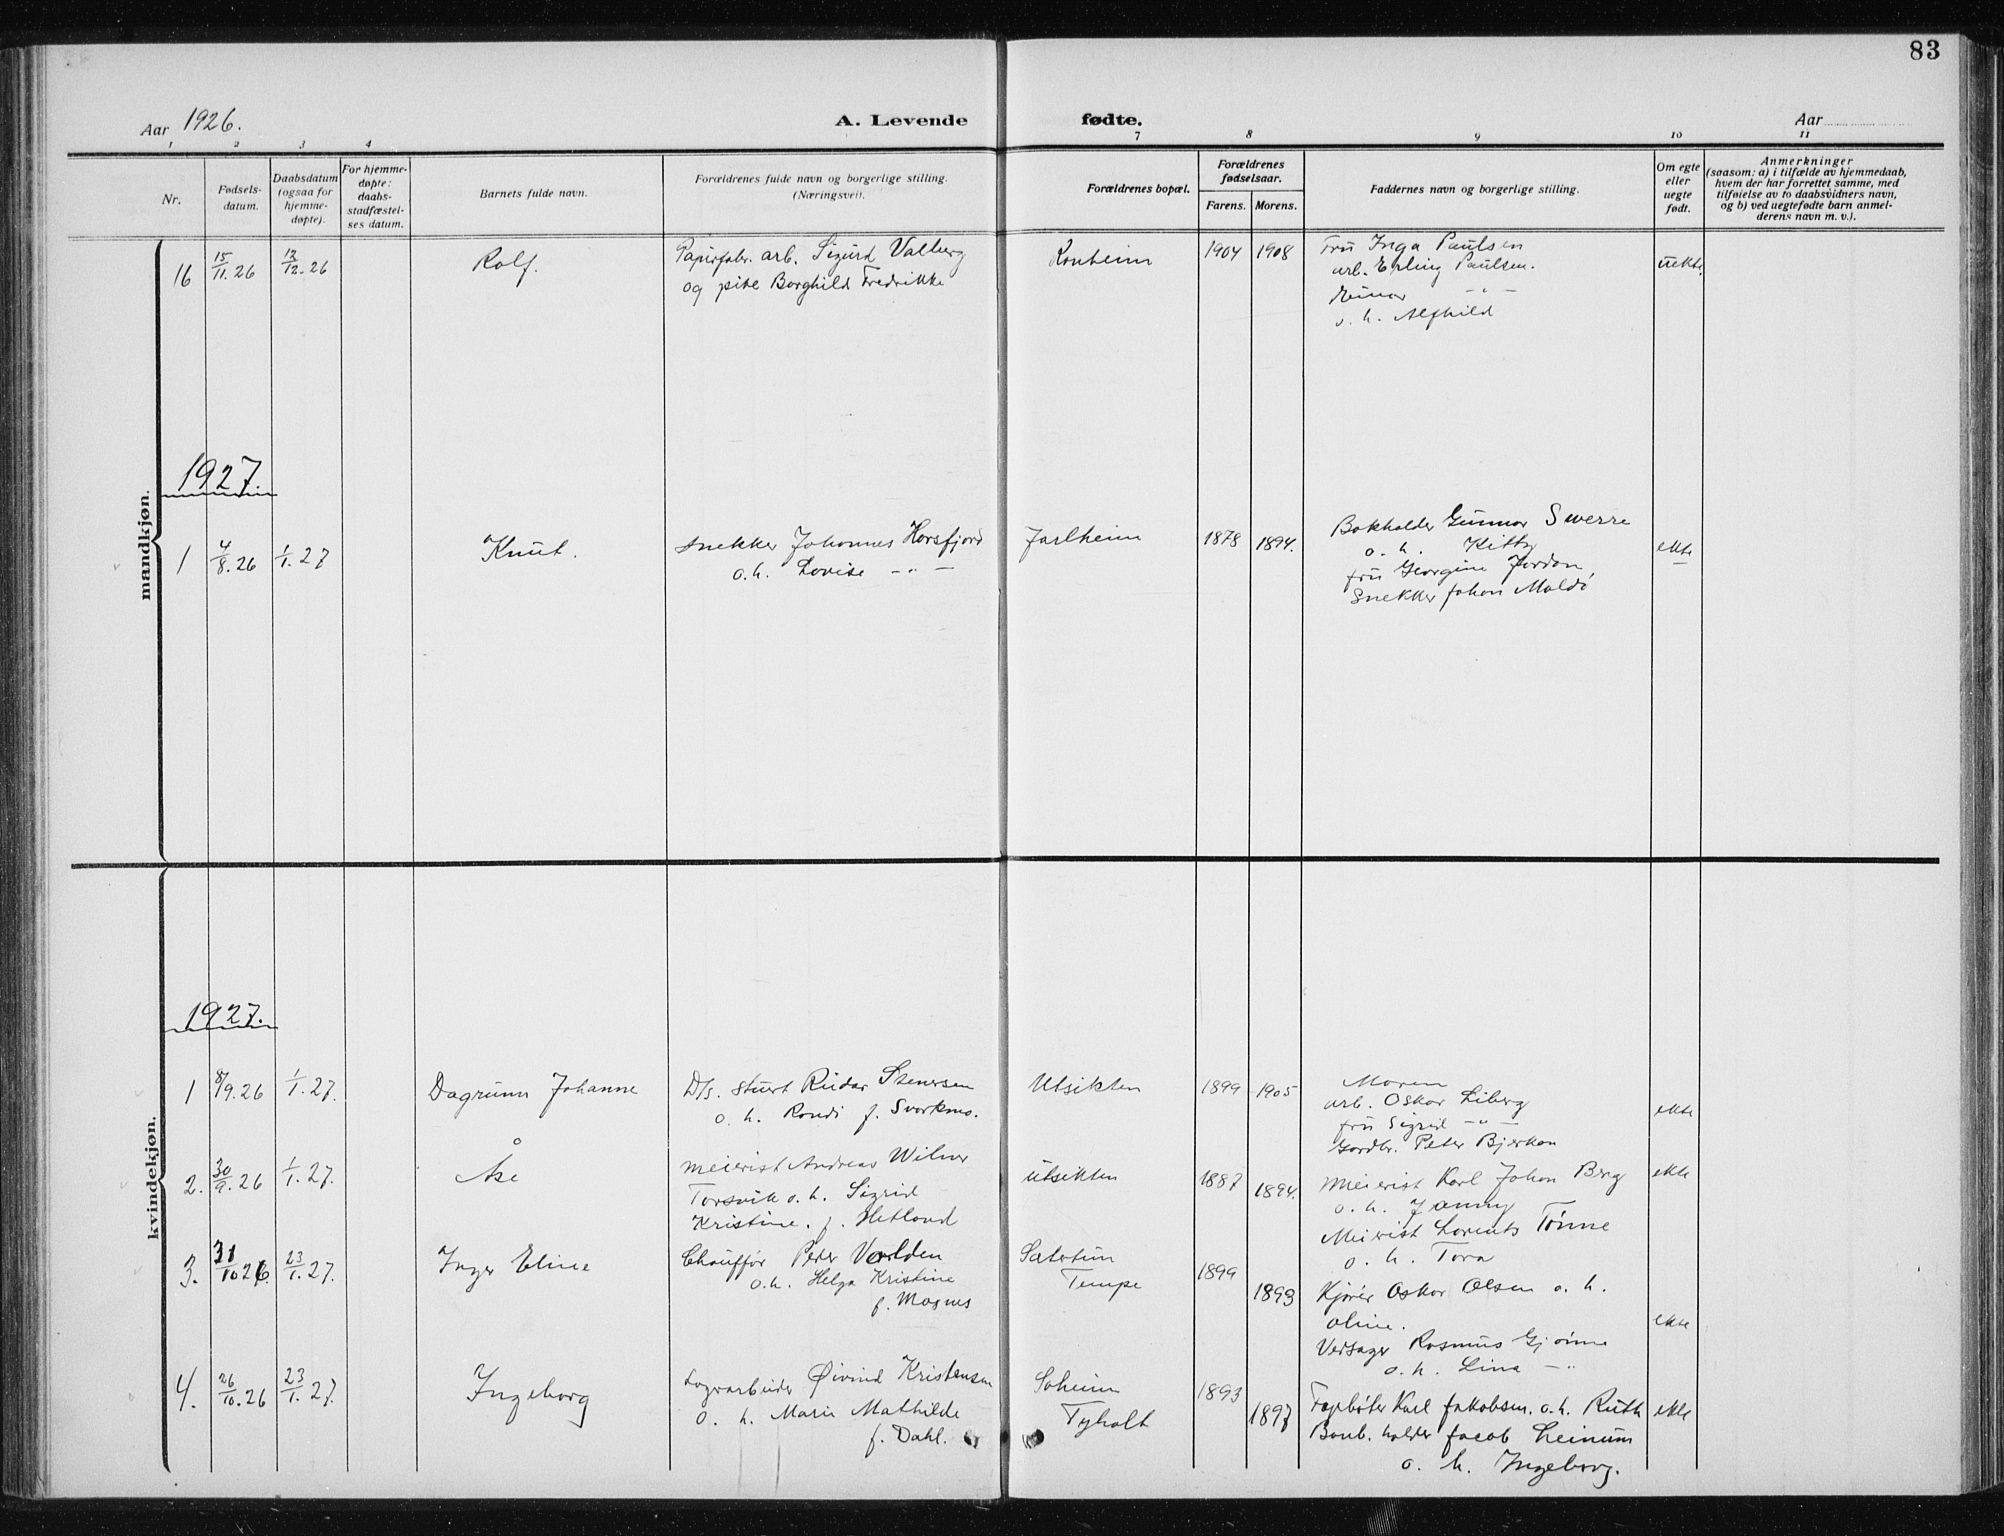 SAT, Ministerialprotokoller, klokkerbøker og fødselsregistre - Sør-Trøndelag, 606/L0314: Klokkerbok nr. 606C10, 1911-1937, s. 83